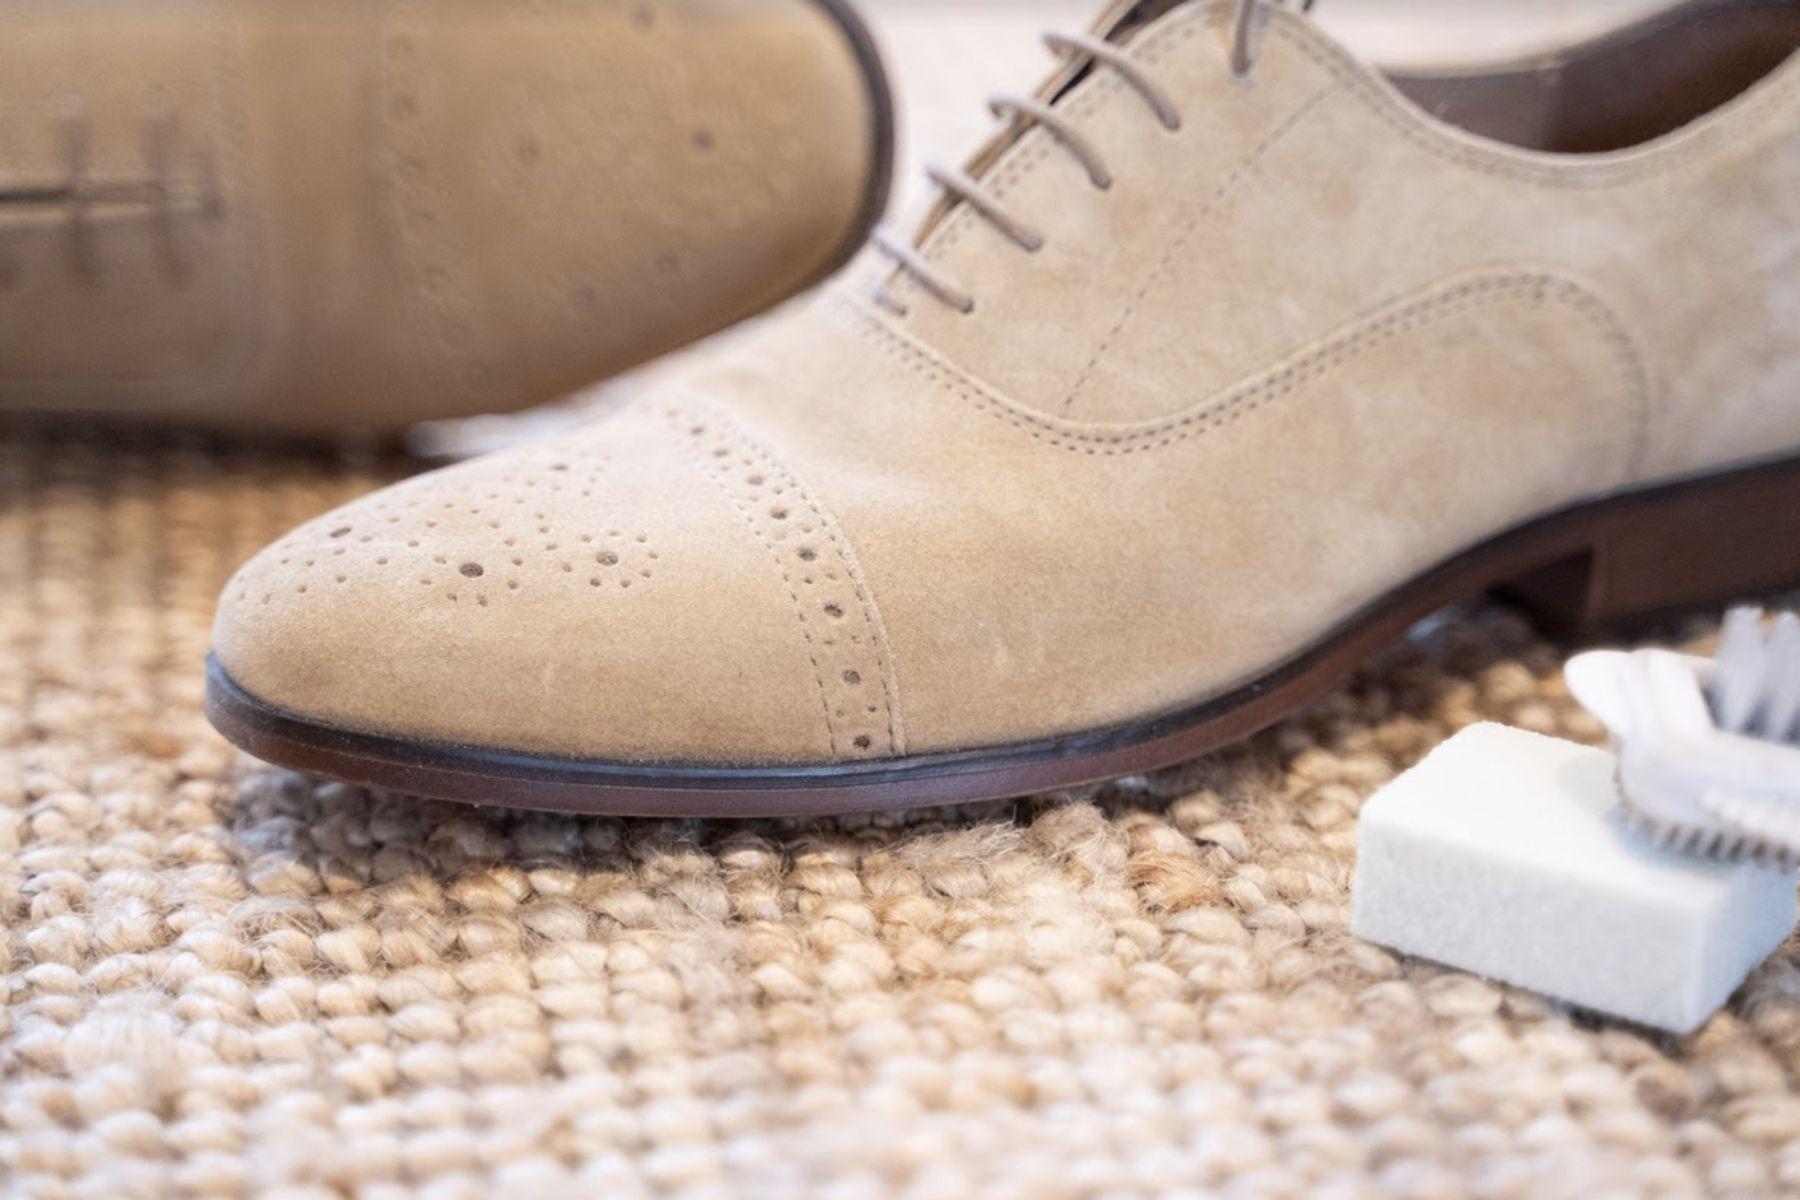 Cómo agrandar zapatos correctamente y sin dañarlos